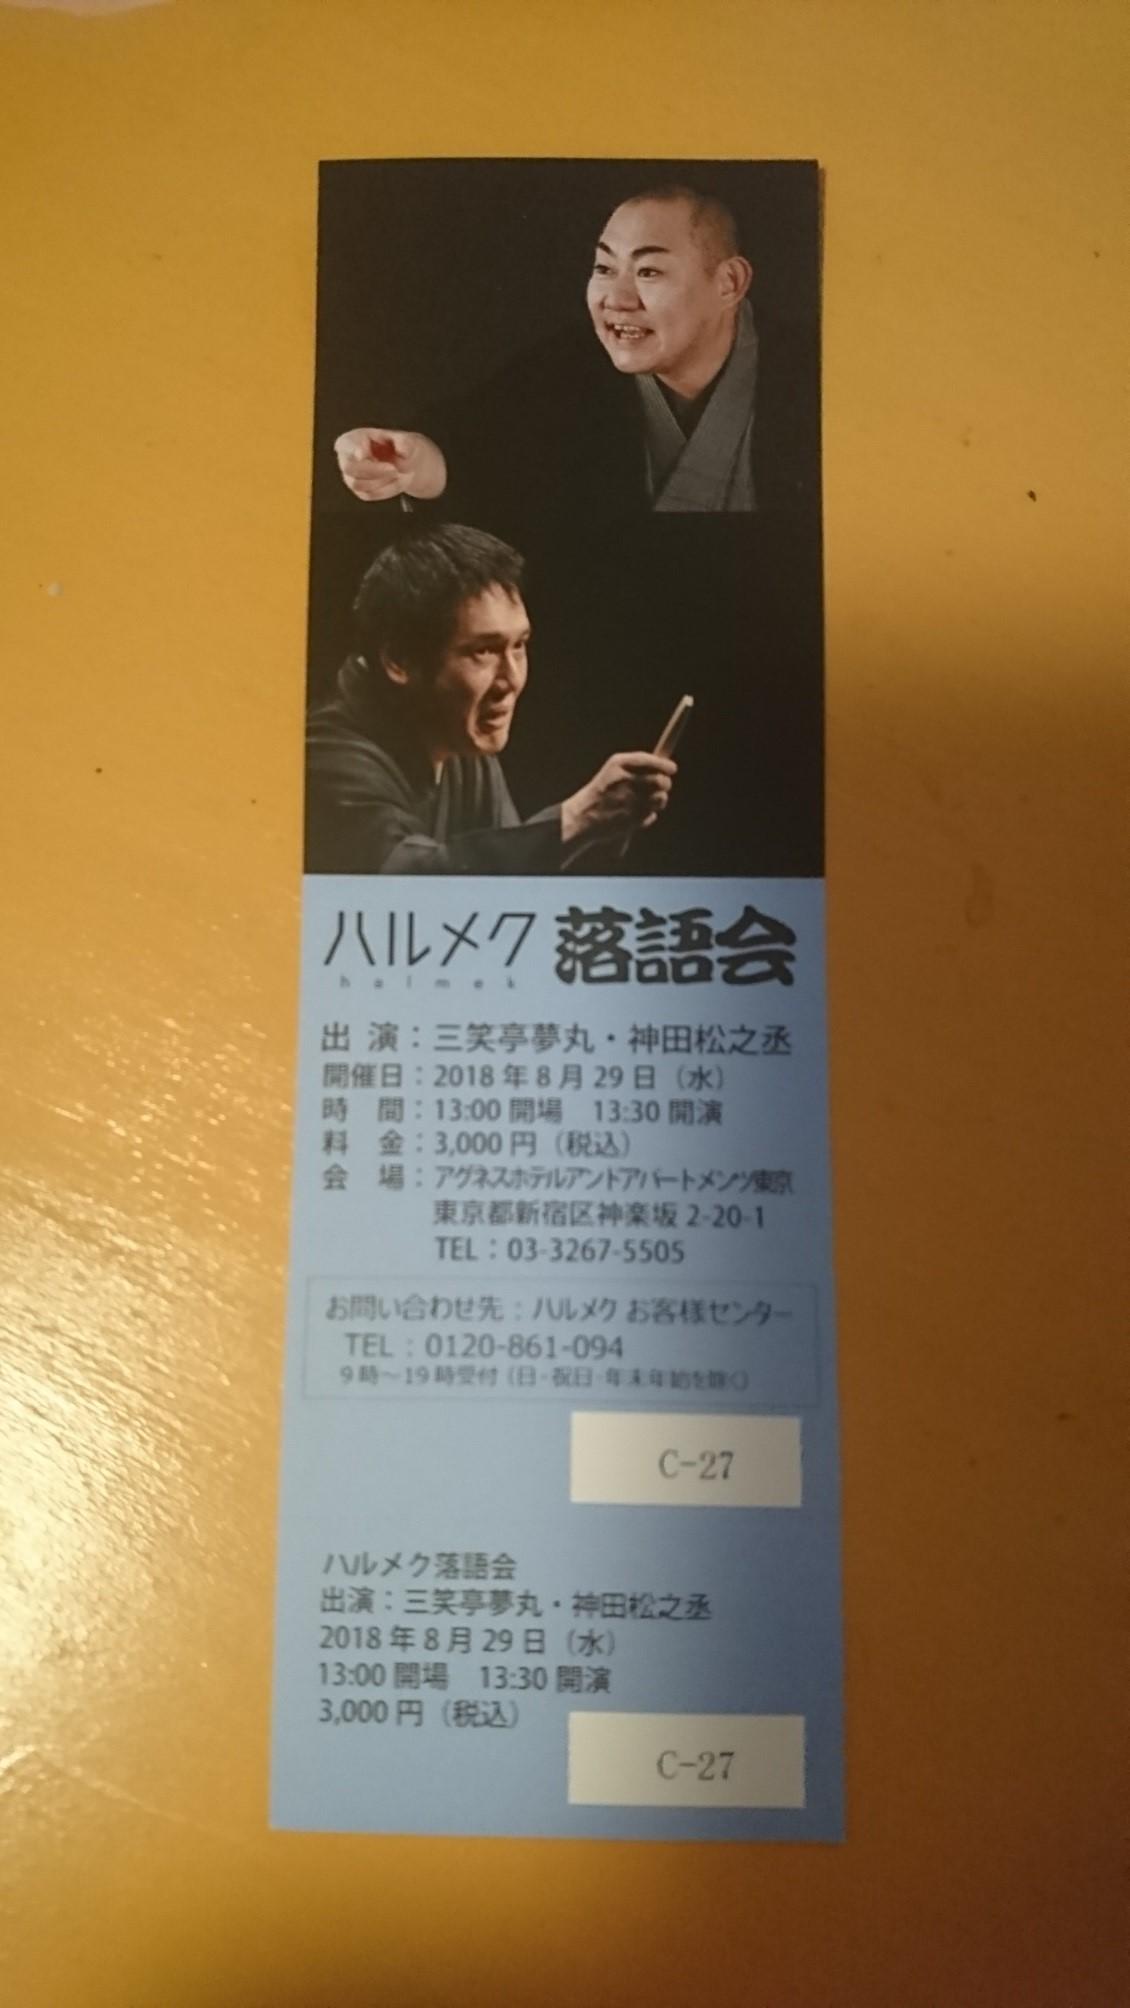 ハルメク落語会チケット